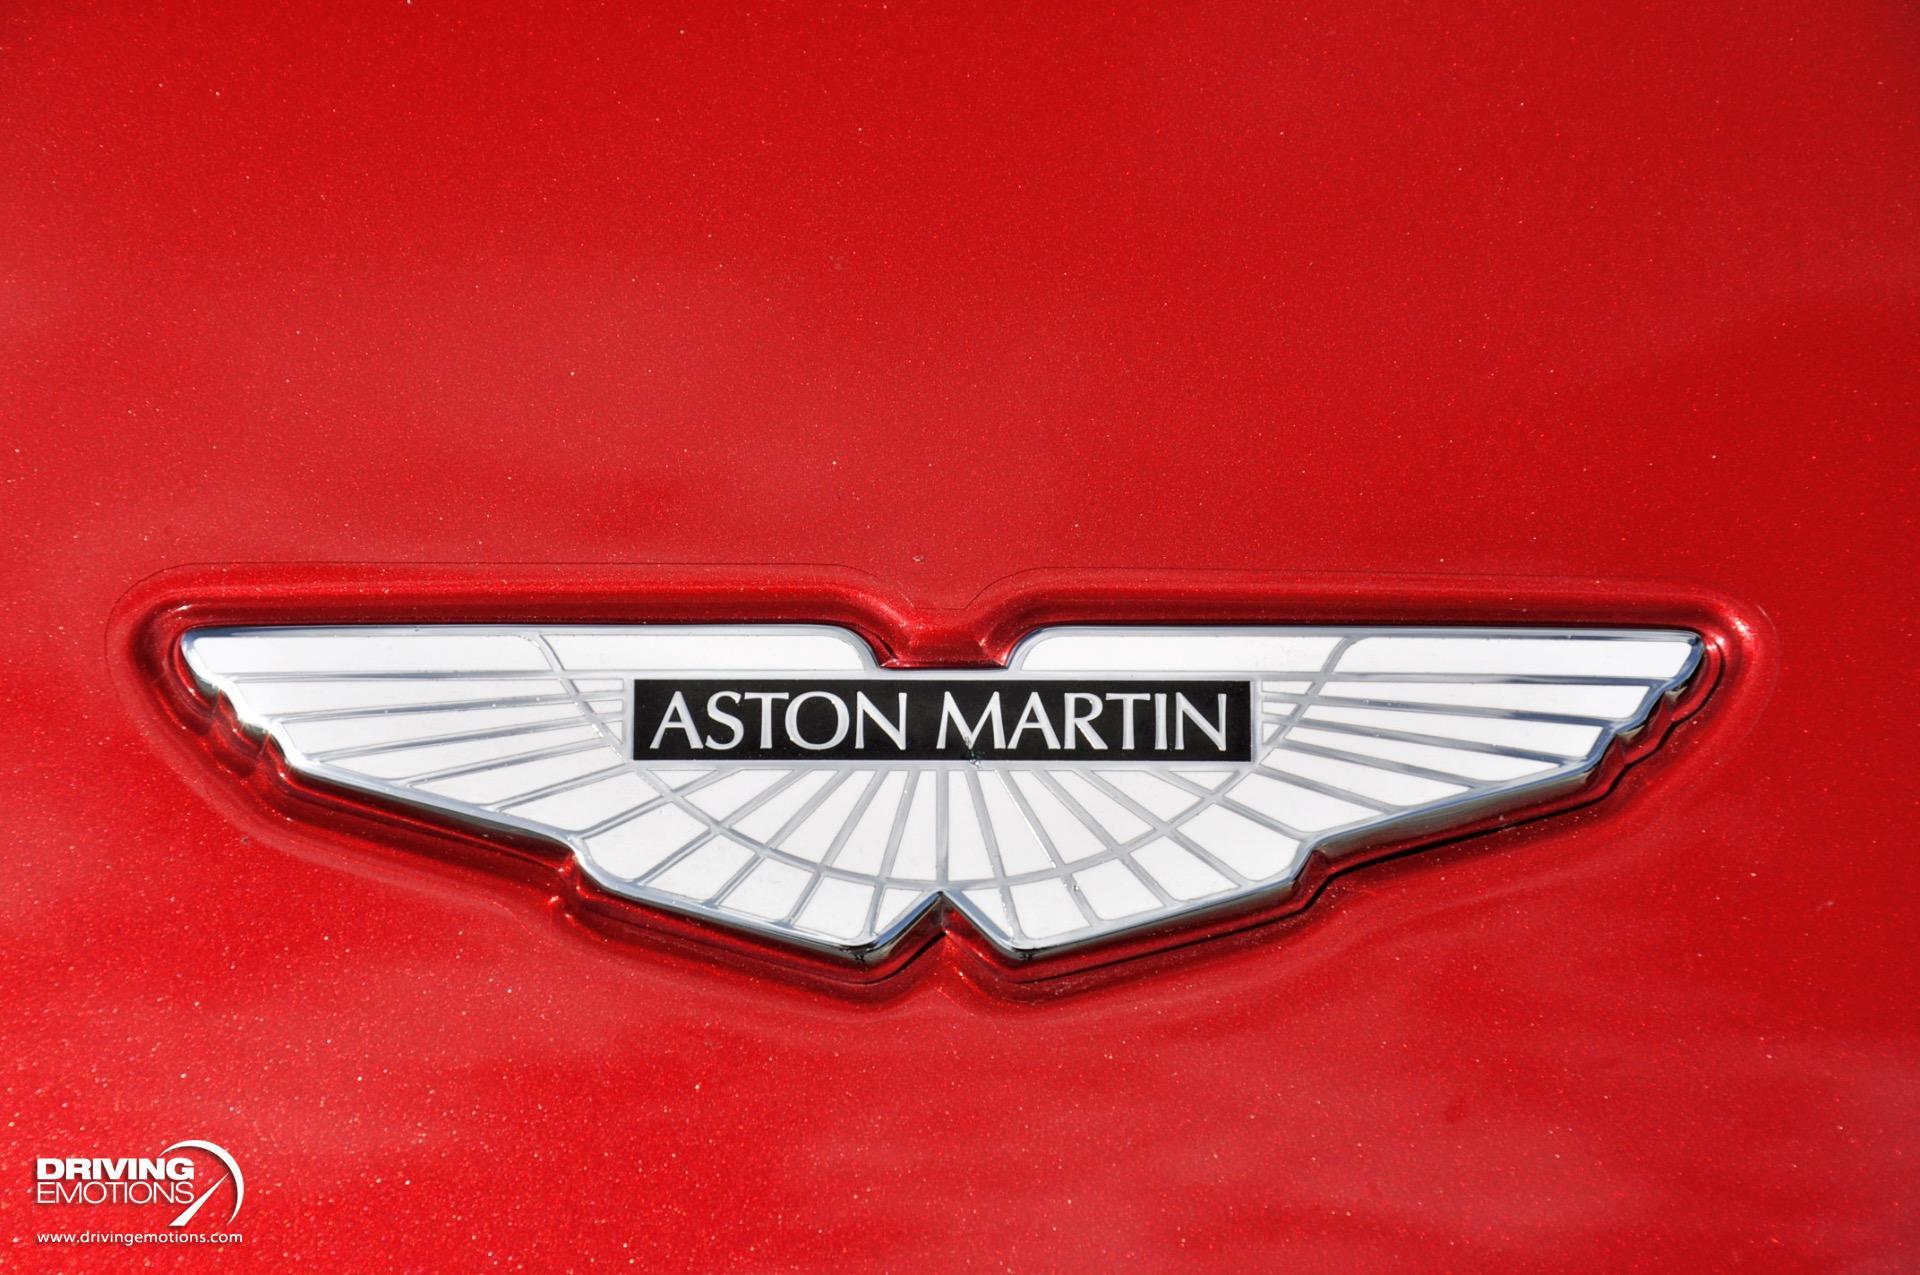 Used 2019 Aston Martin DBS Superleggera Superleggera $368,566 MSRP!! | Lake Park, FL